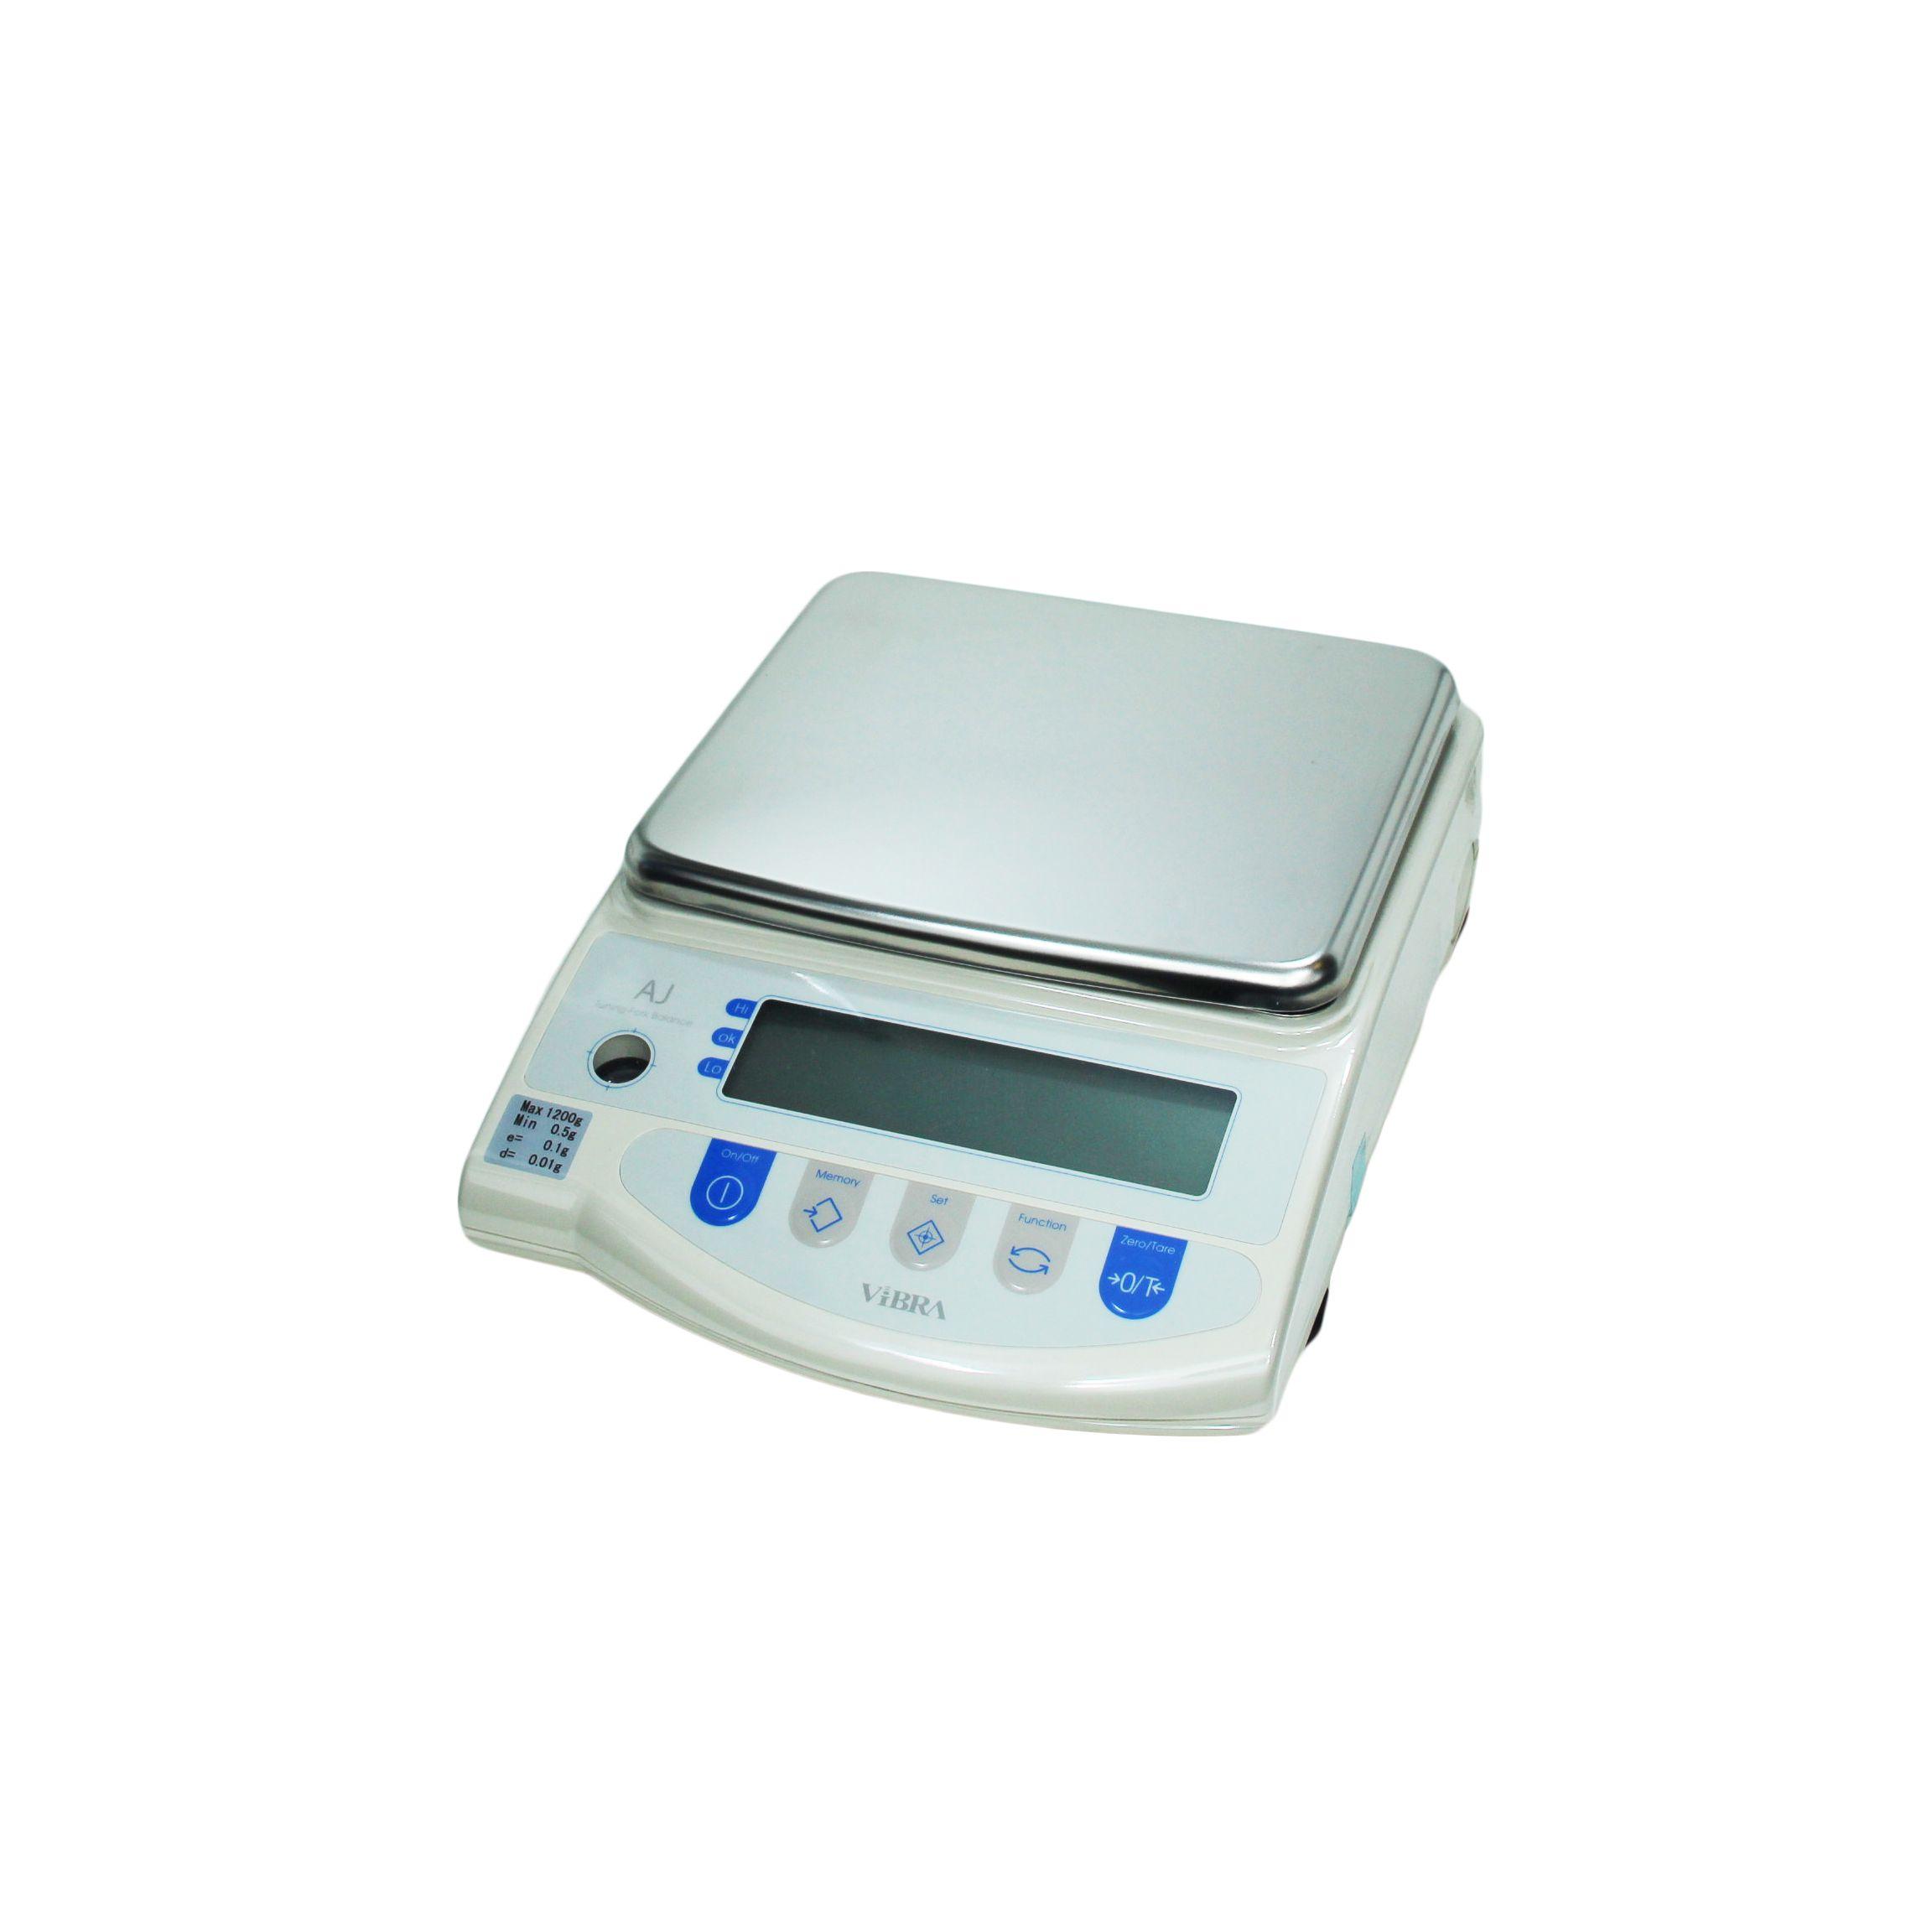 Весы SHINKO A.J.4200x0.01 CE